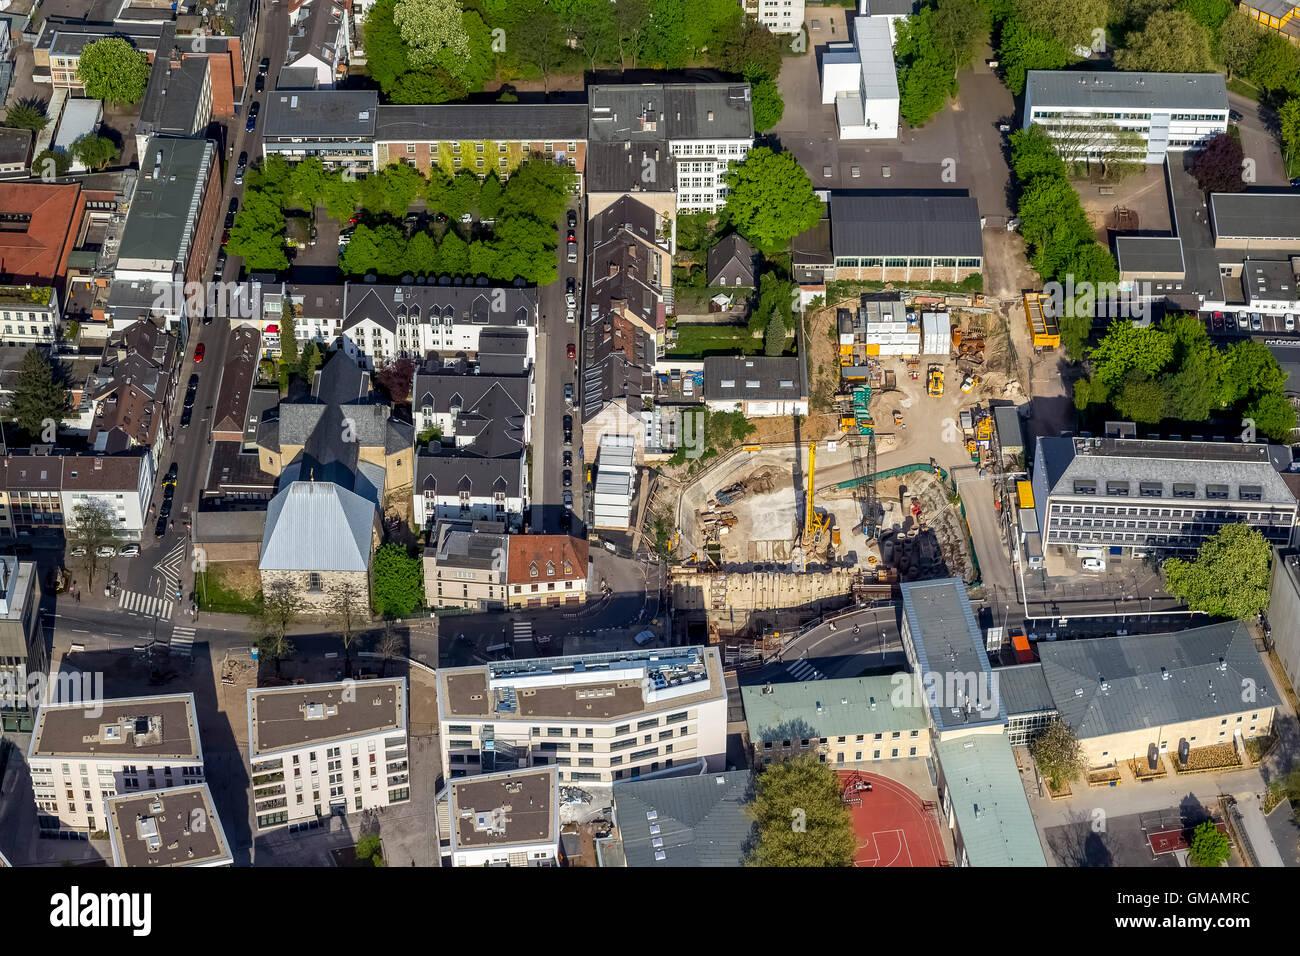 Vista aerea, sito in costruzione in corrispondenza della posizione dell'assistito inserito archivio della città Immagini Stock